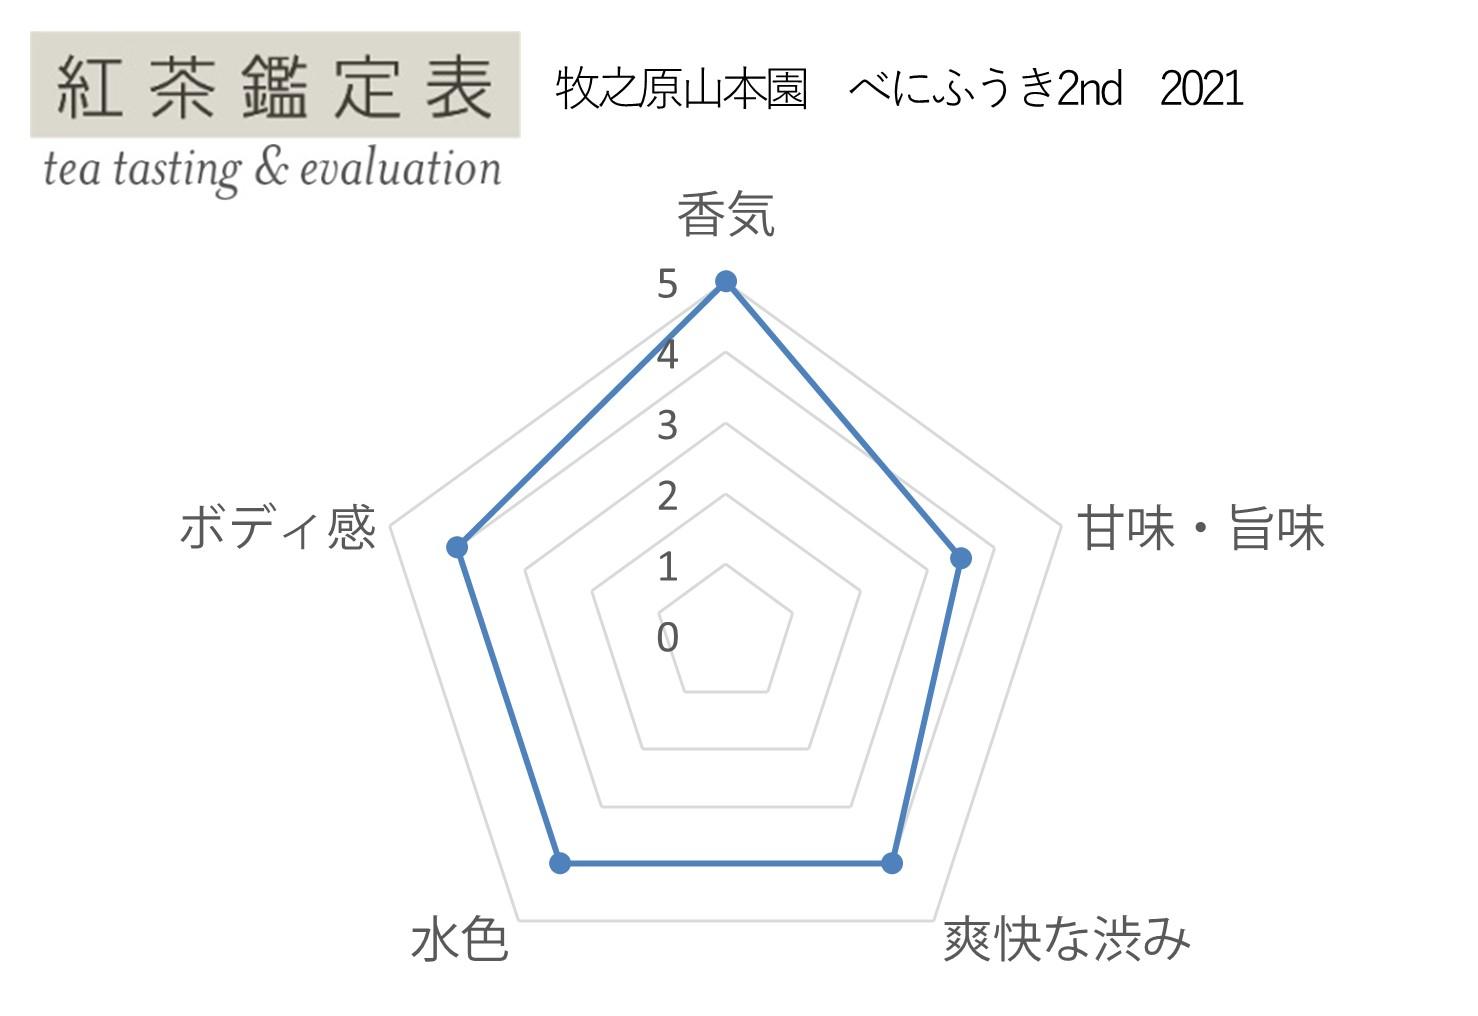 【紅茶鑑定表】牧之原山本園 べにふうき2nd